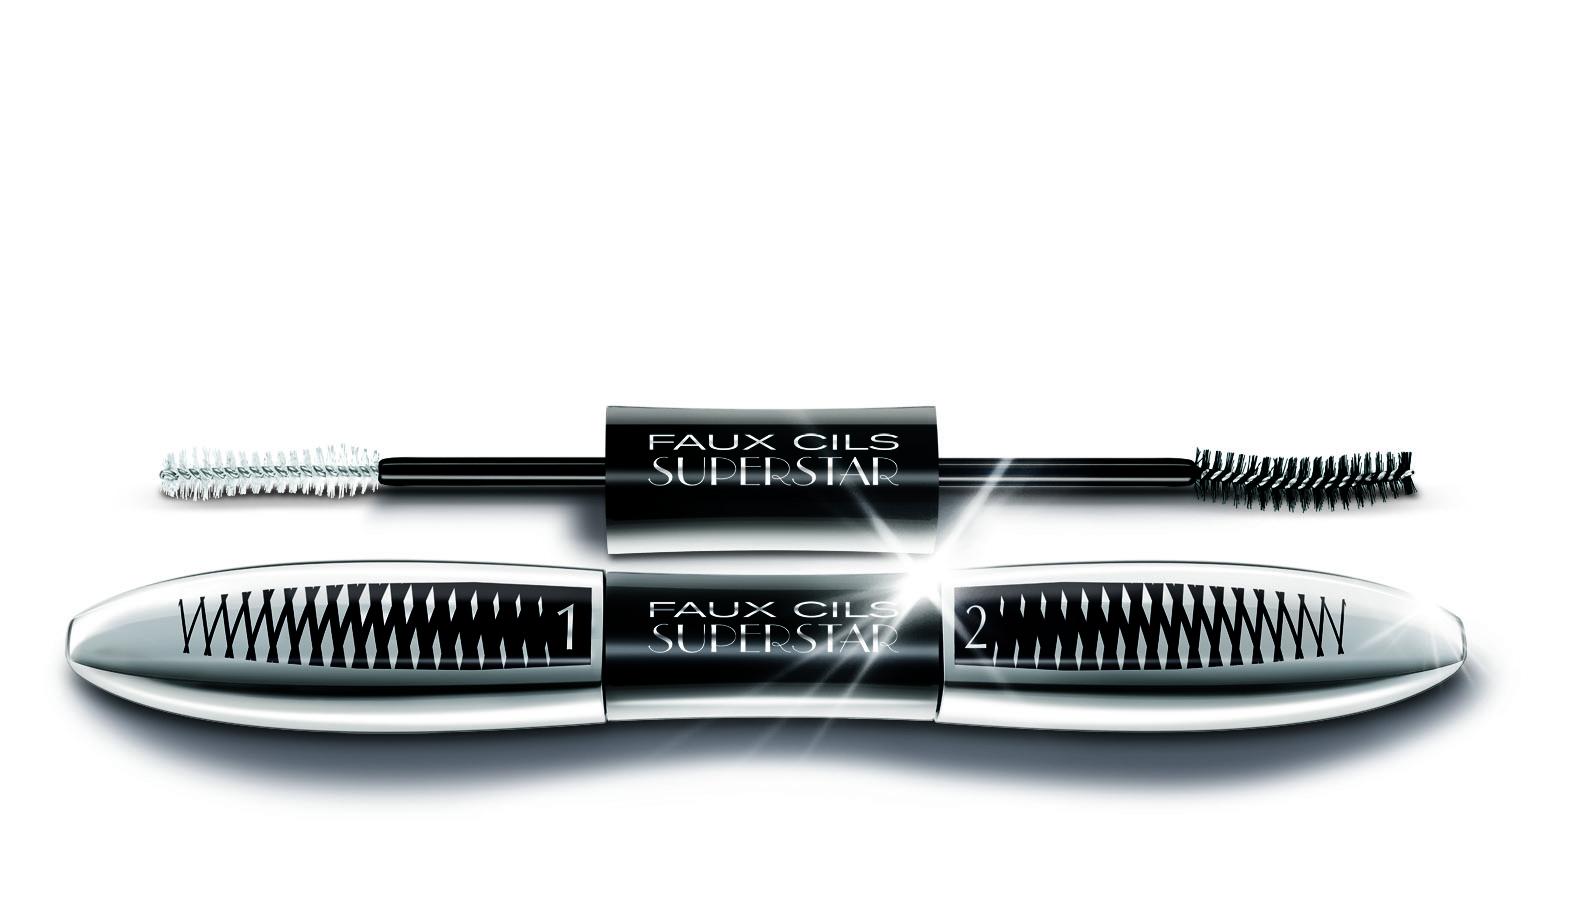 Mascara Faux Cils Superstar, L'Oréal Paris - Avis et Tests ...